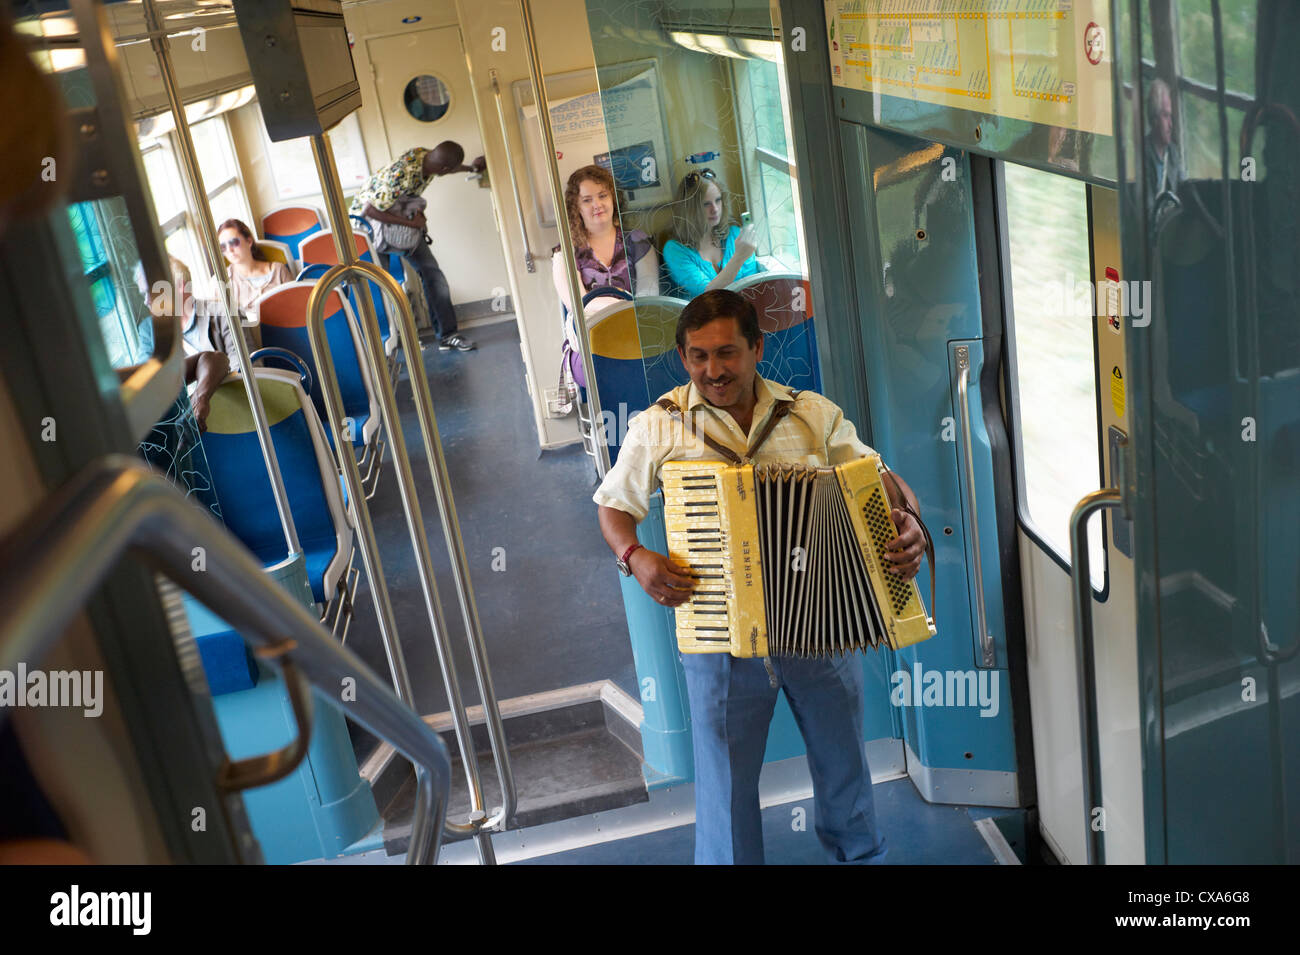 Uno zingaro o Roma uomo musicista di strada su un treno tra Parigi e Versailles con un formare fisarmonica Foto Stock